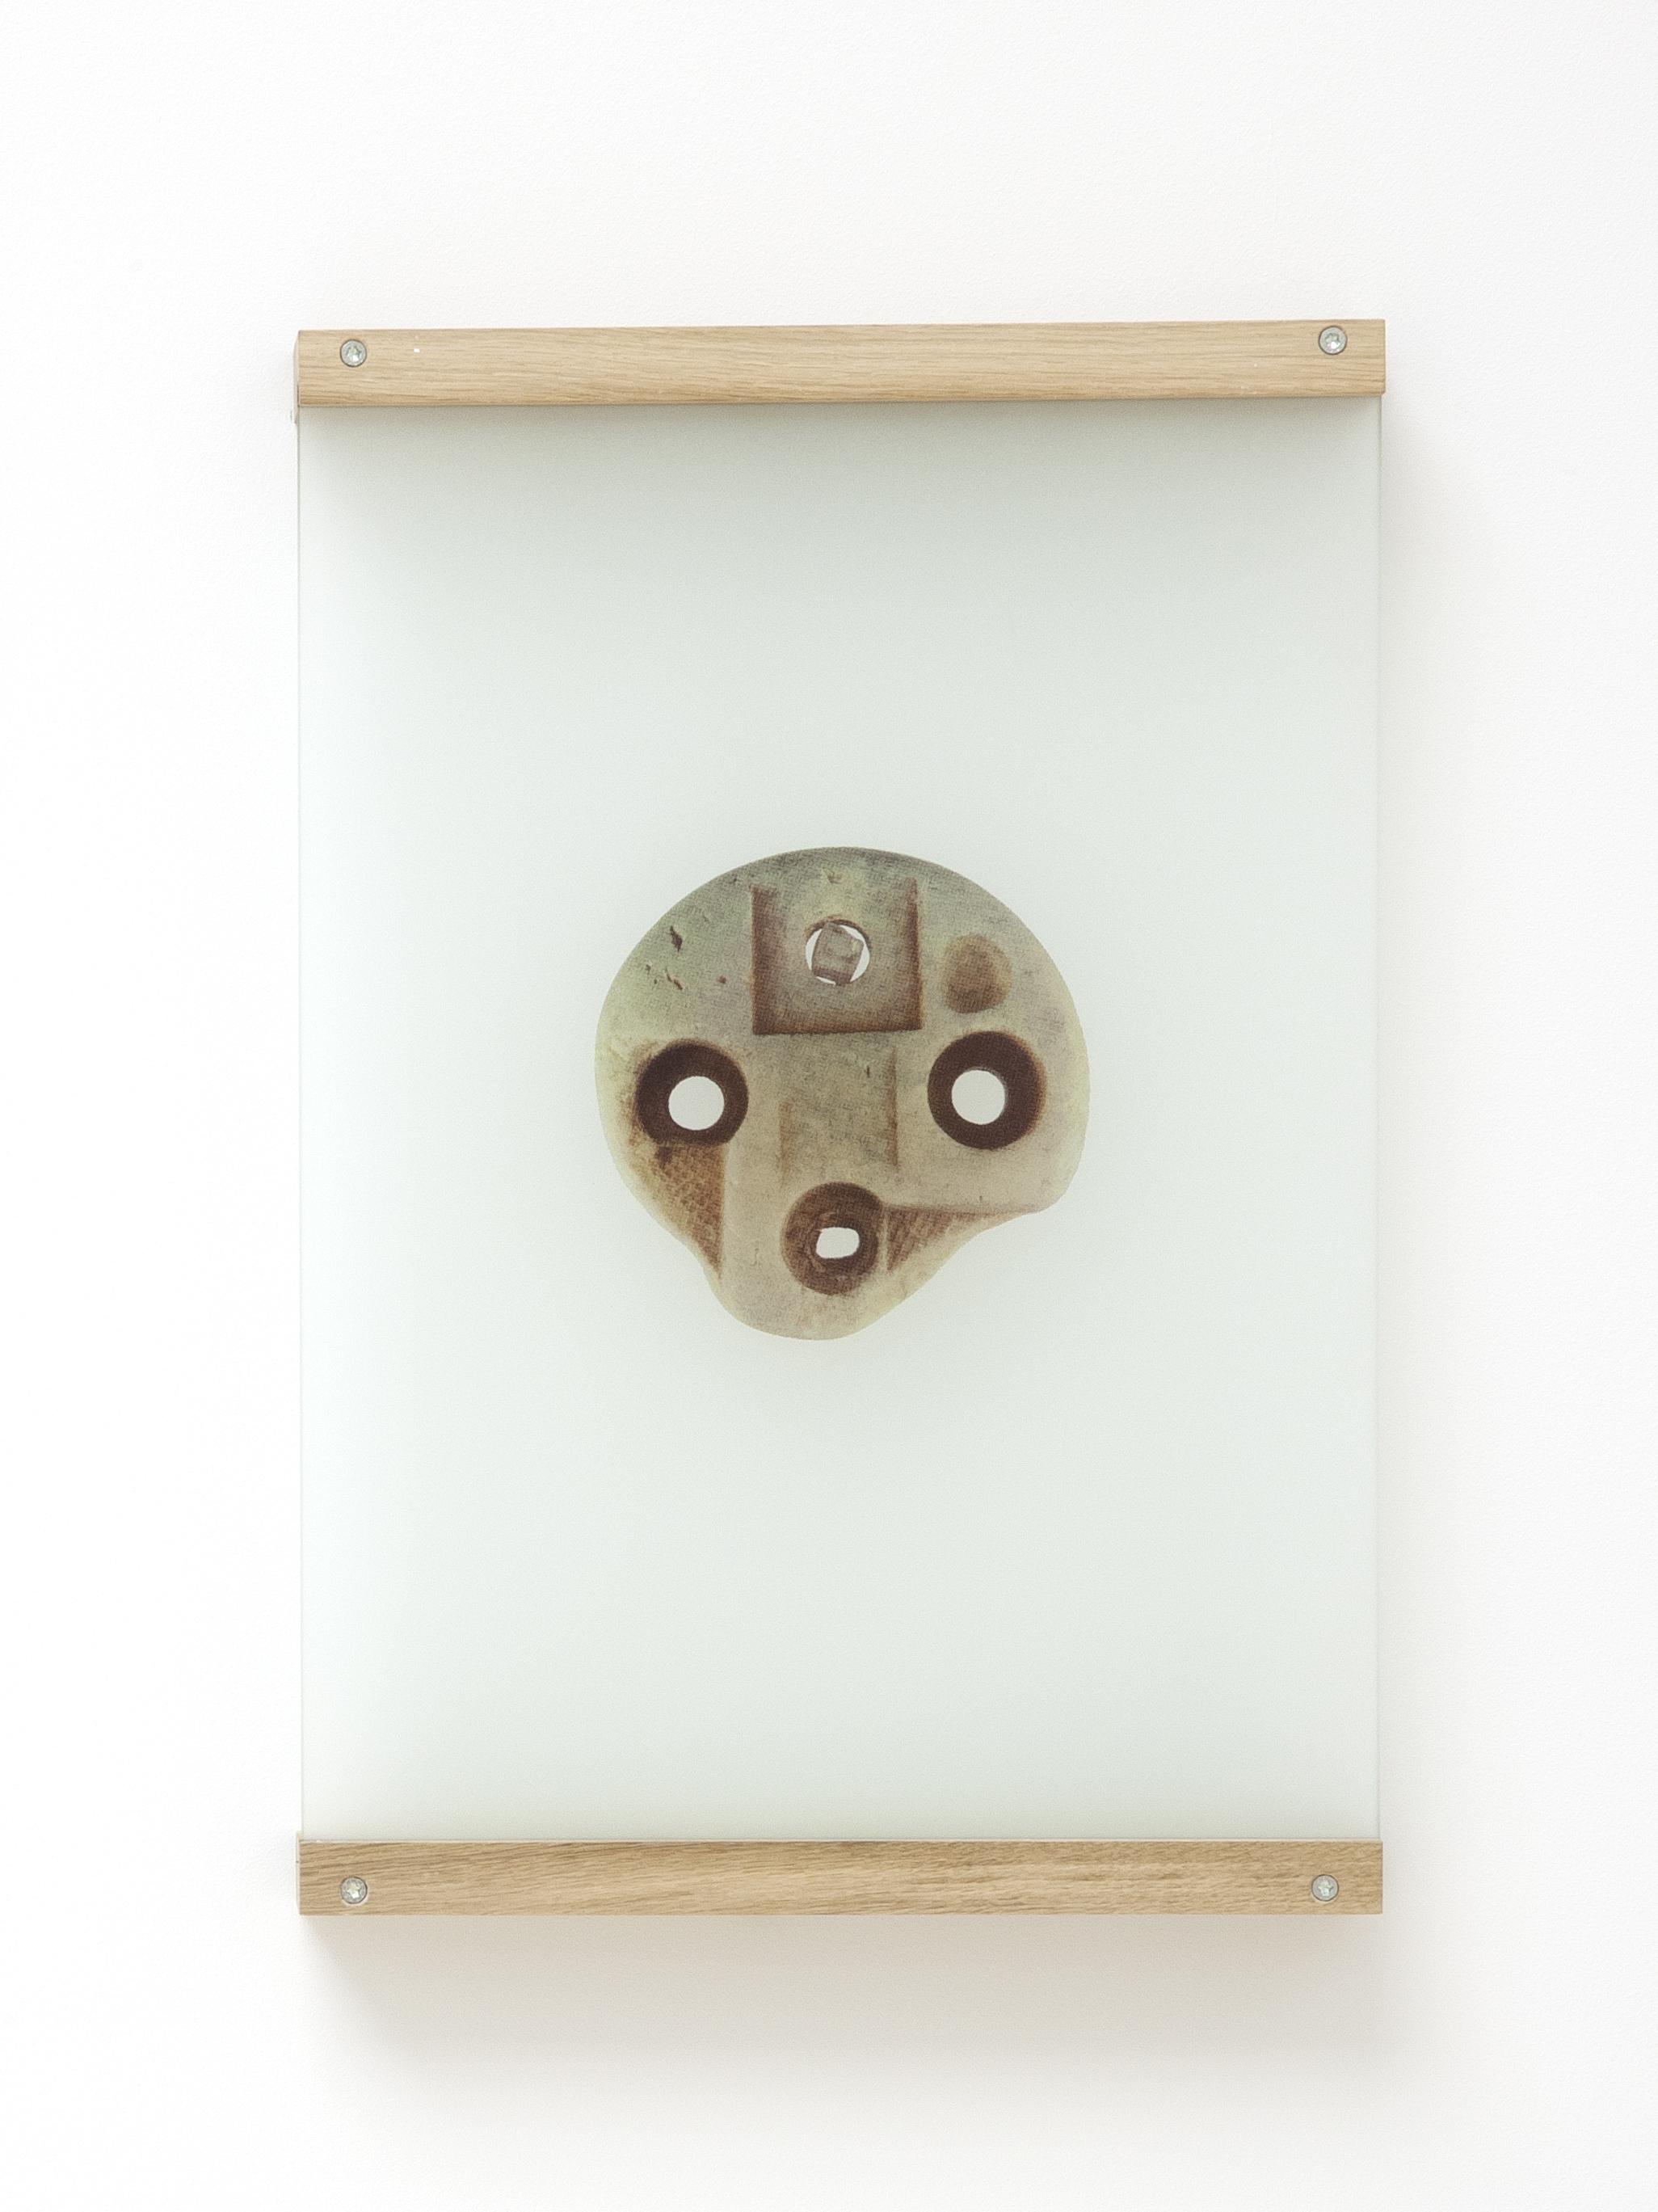 Anne-Charlotte Finel, Sableur, 2019, sérigraphie sur verre sablé (quadrichromie), 55,3 x 40 x 0,6 cm